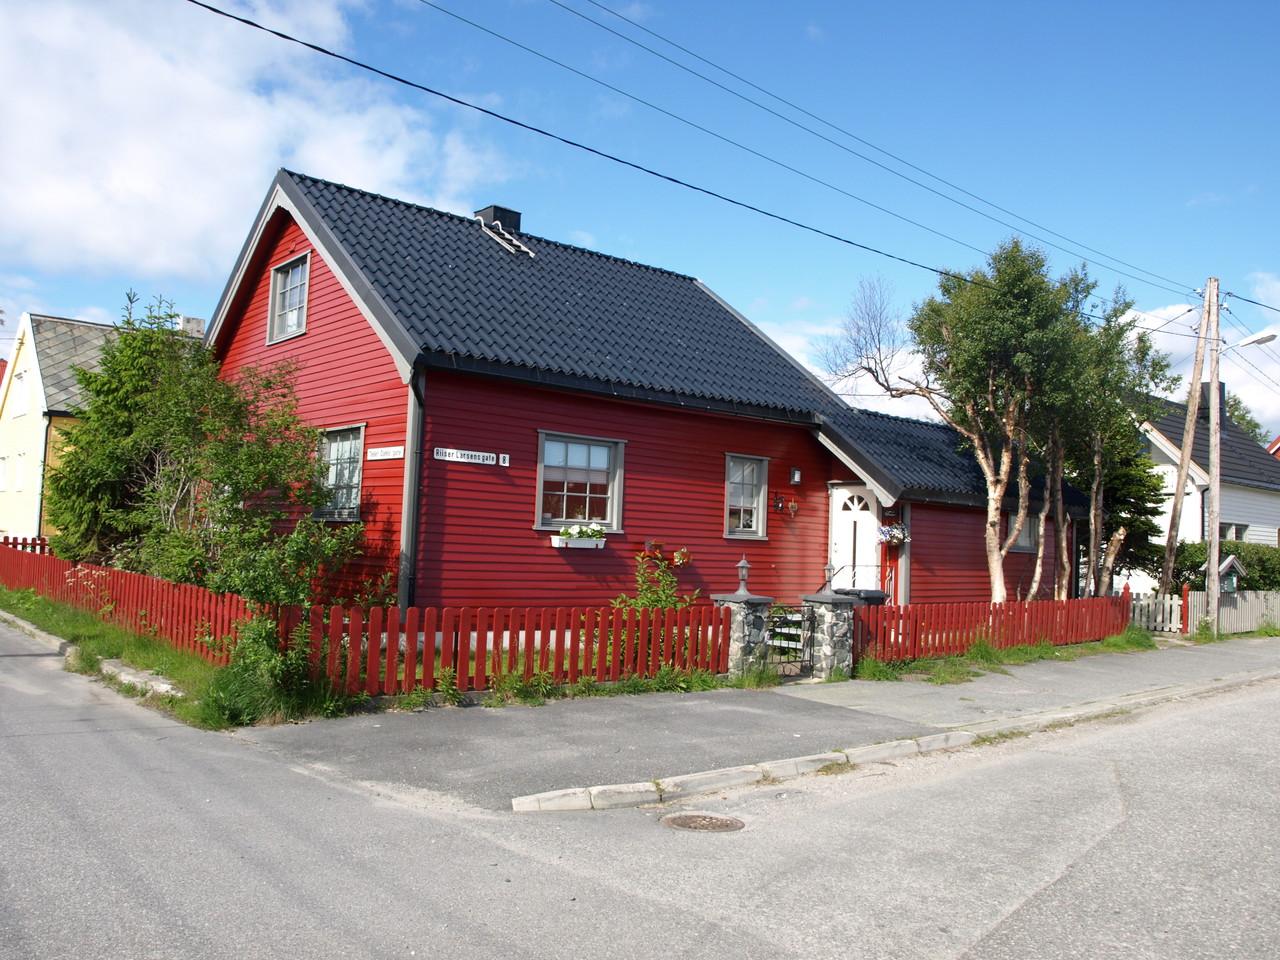 schöne, farbige Häuser